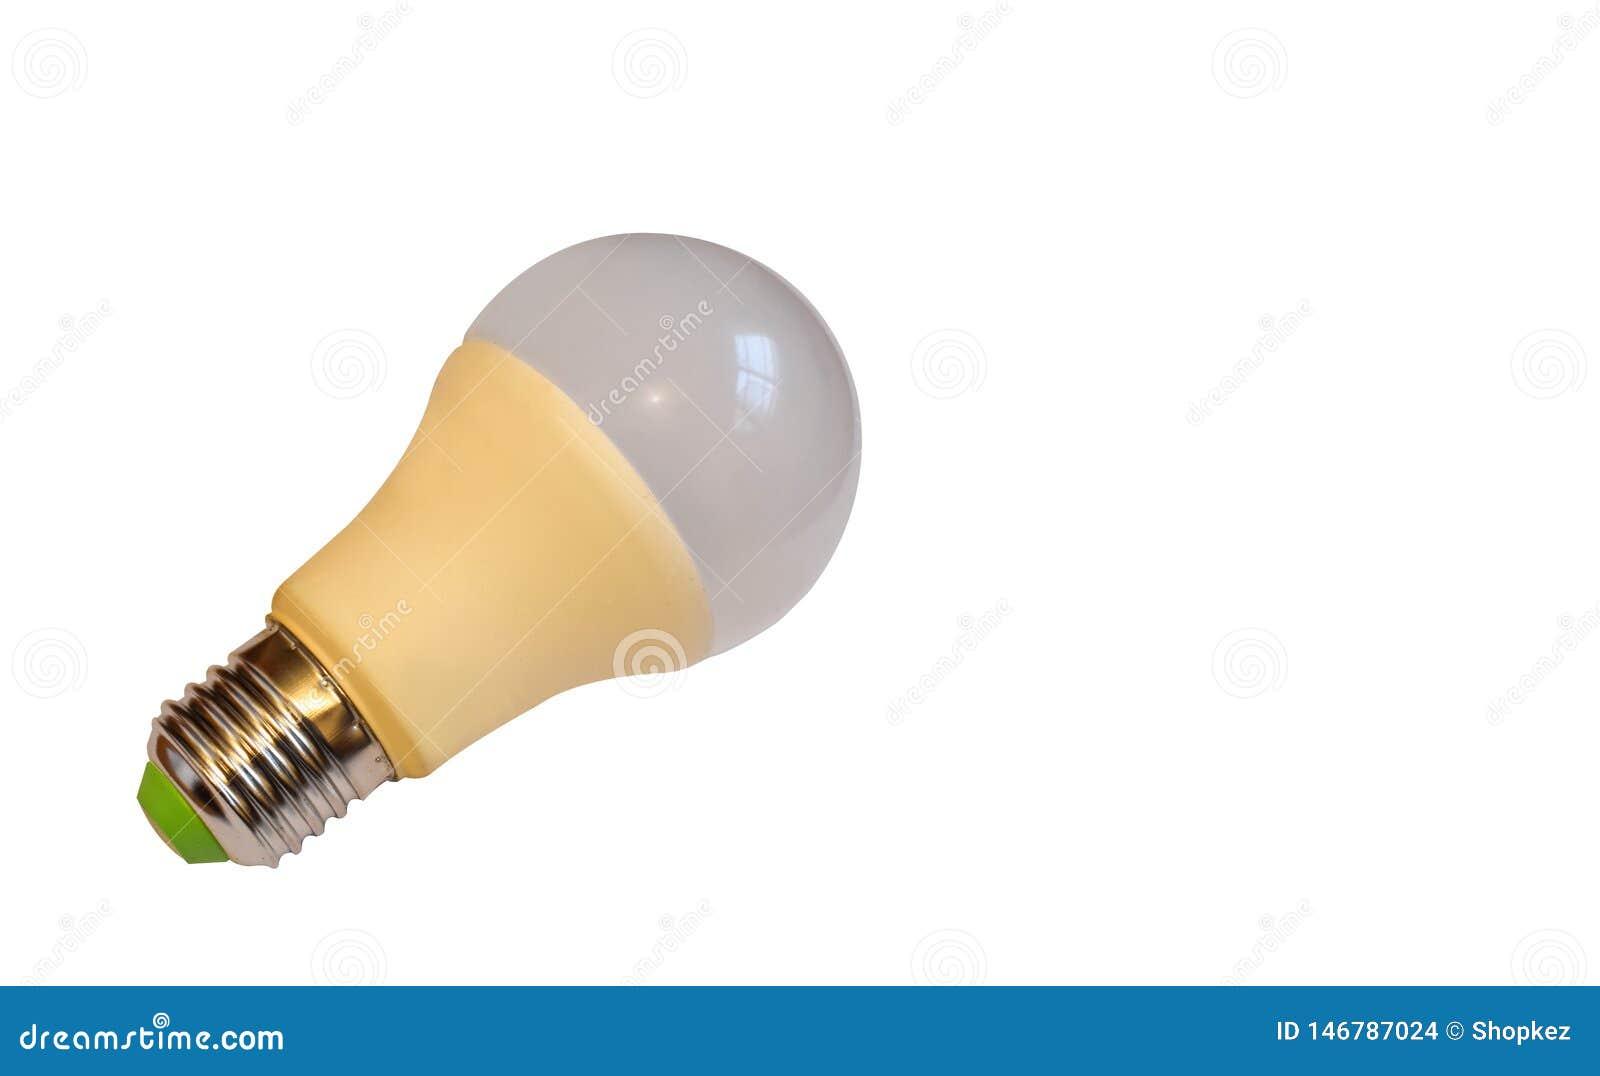 DOWODZONY, nowej technologii ?ar?wka odizolowywaj?ca na bia?ym tle, Energetycznego super oszcz?dzania elektryczna lampa jest dobr